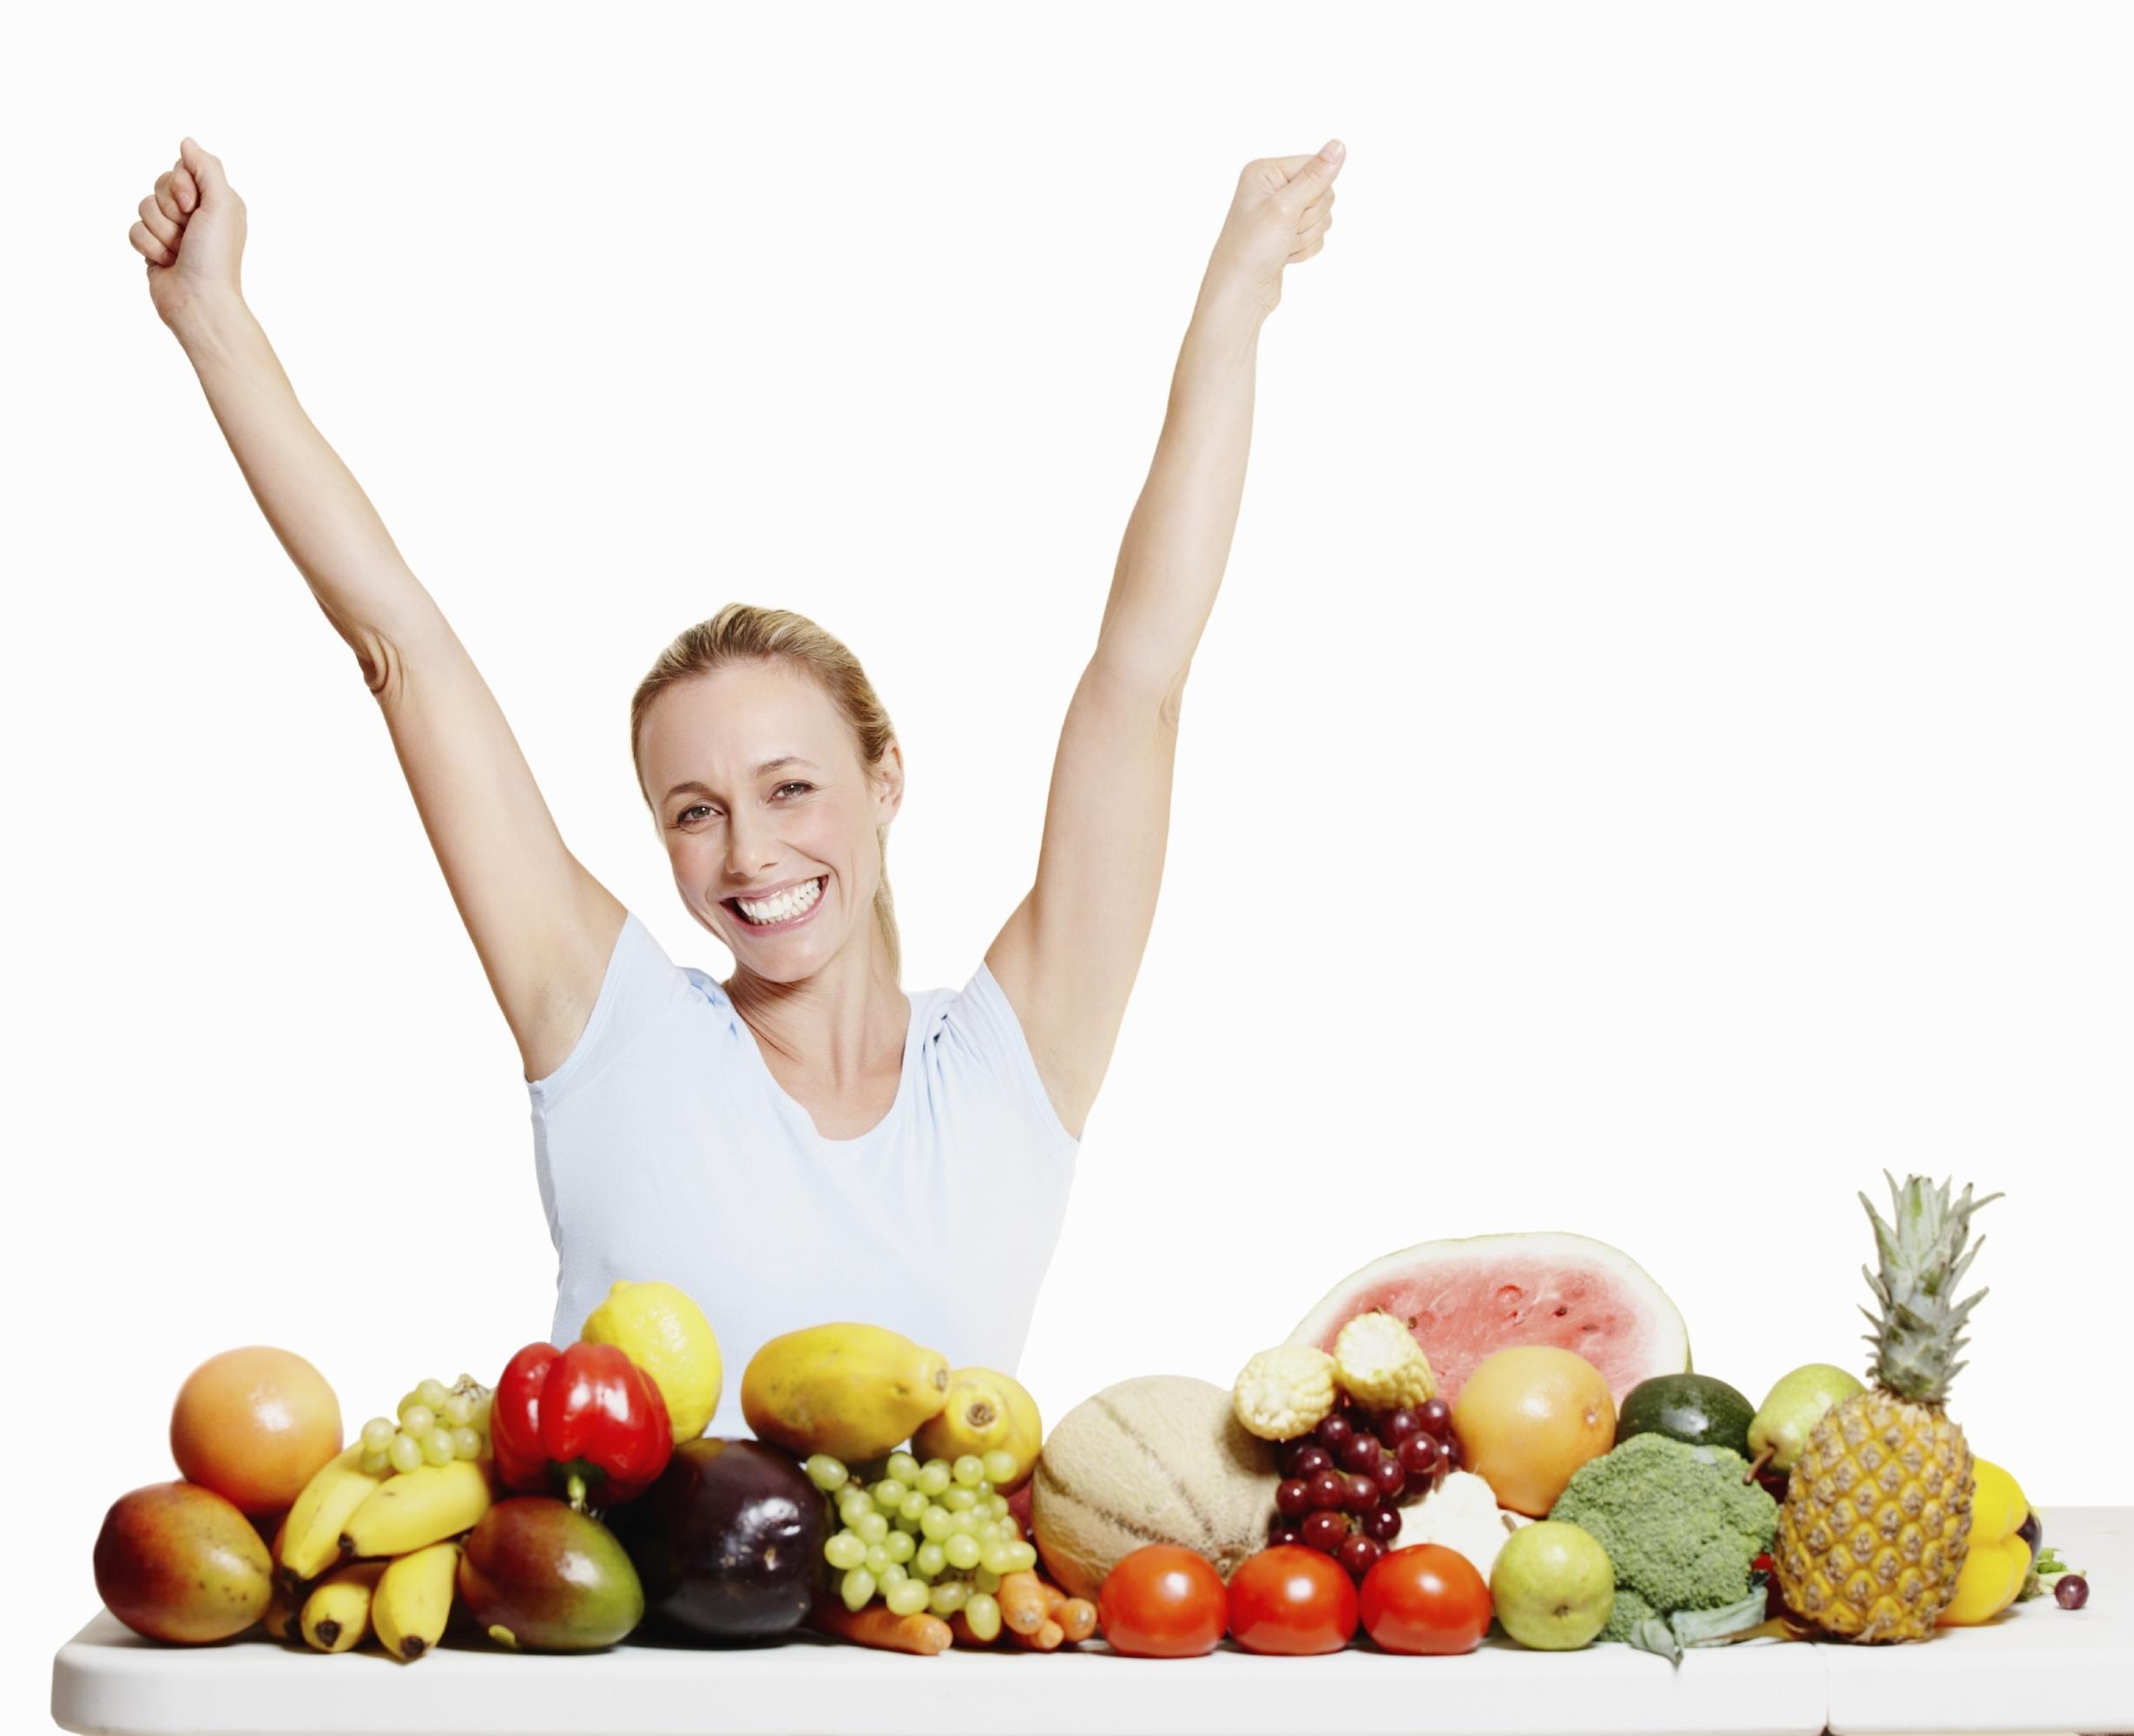 Sete Chaves Para A Prevenção De Problemas Cardiovasculares E Câncer